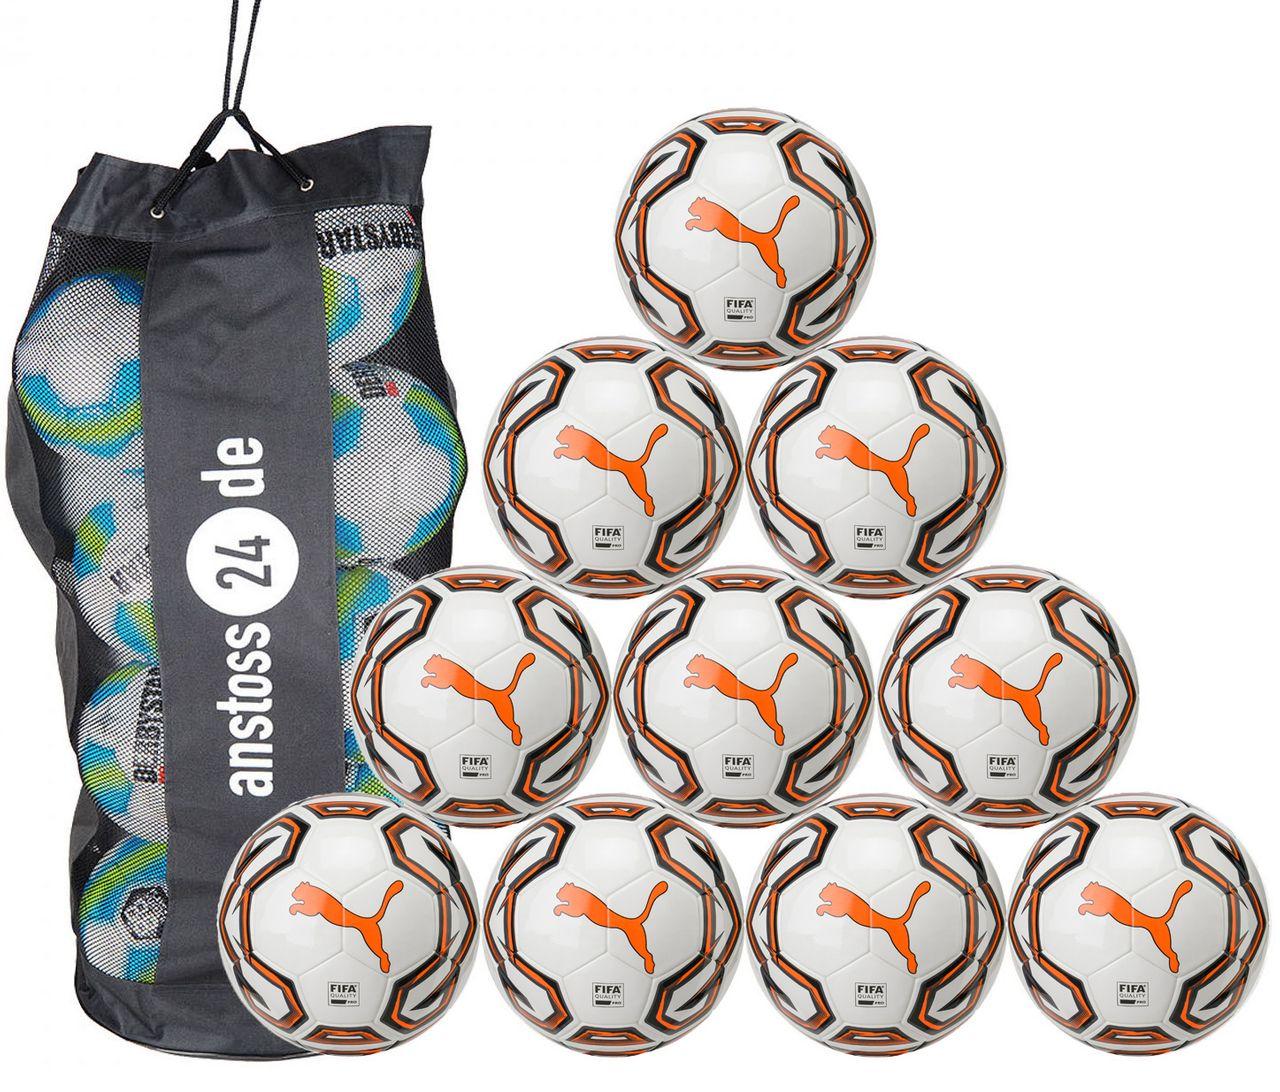 10 x PUMA Spielball Futsal 1 FIFA Quality Pro inkl. Ballsack